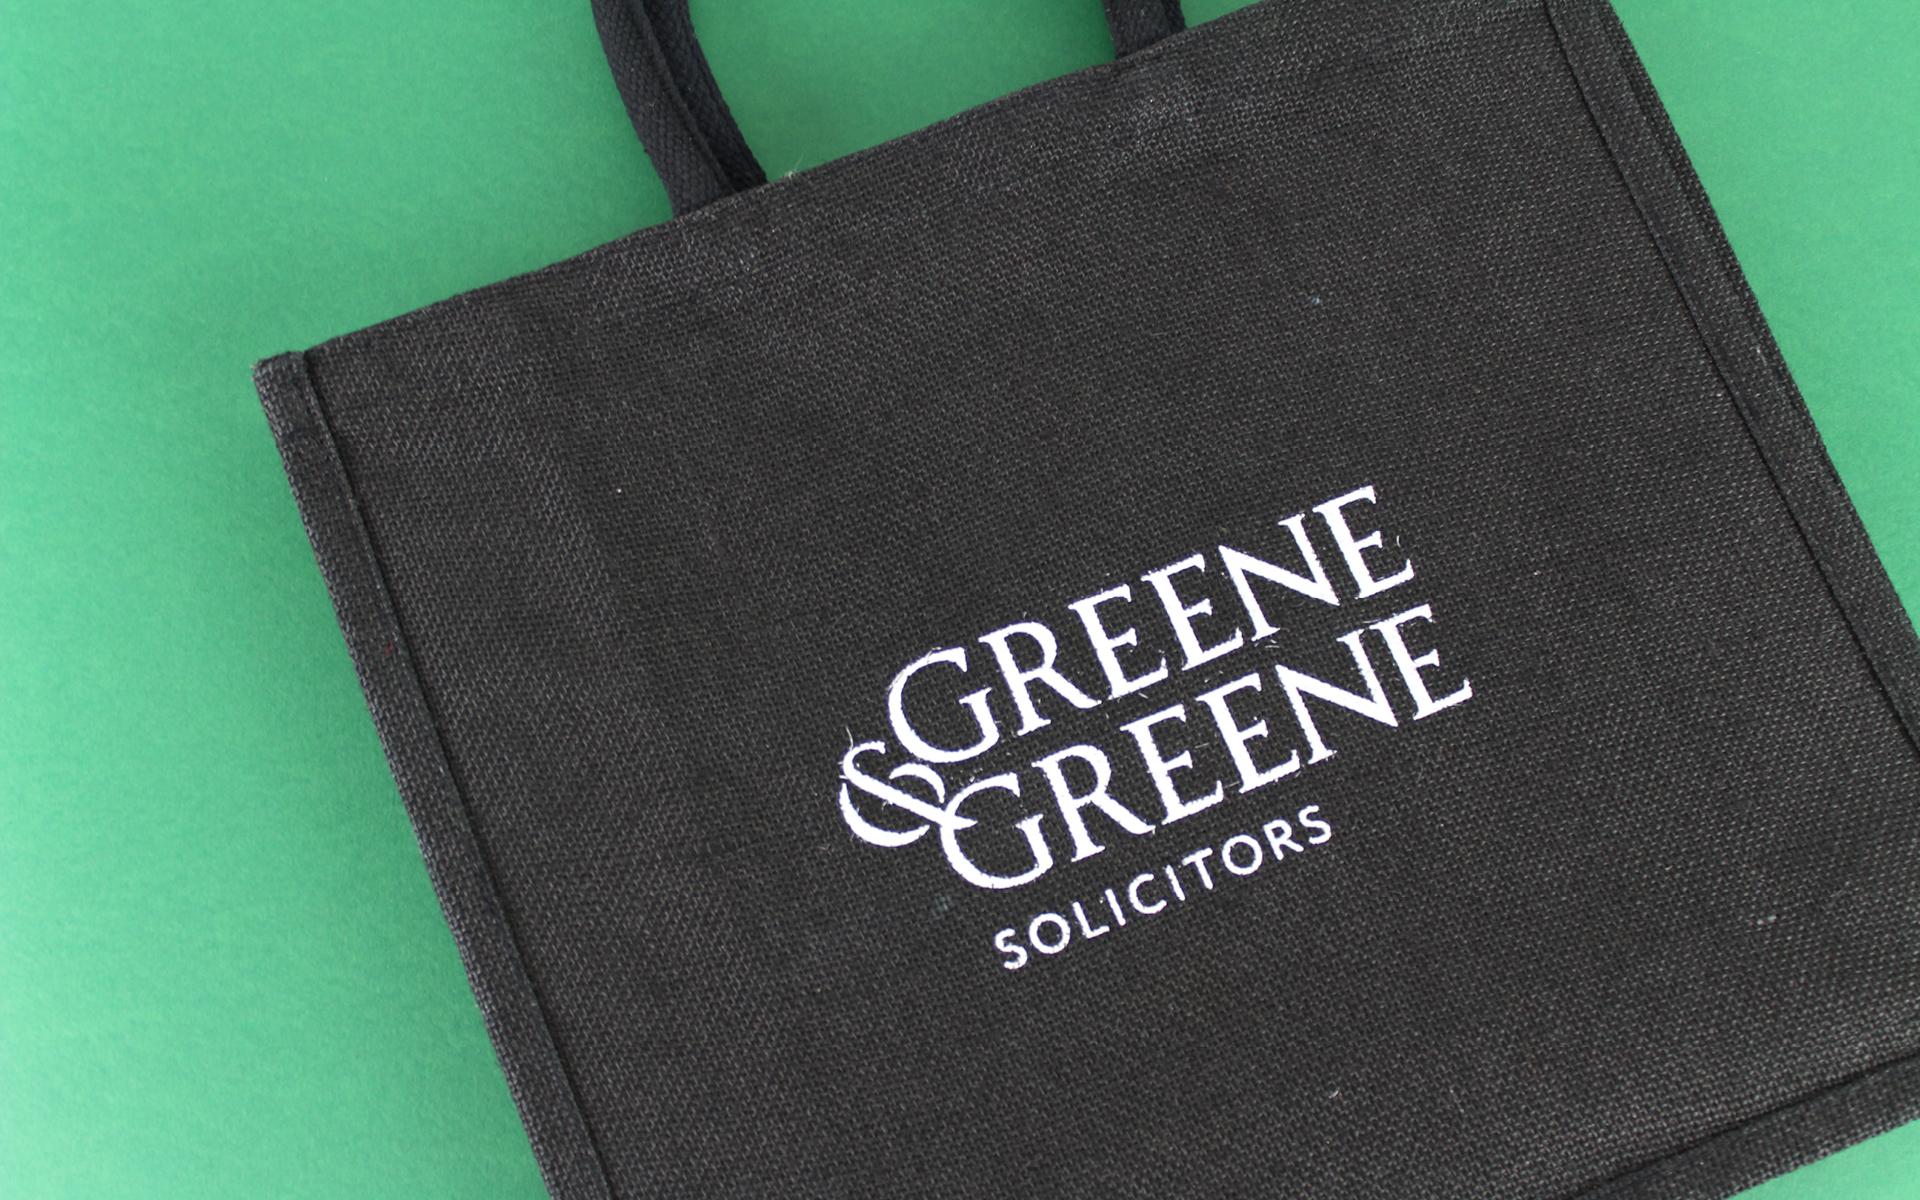 Jute bag design for Greene & Greene